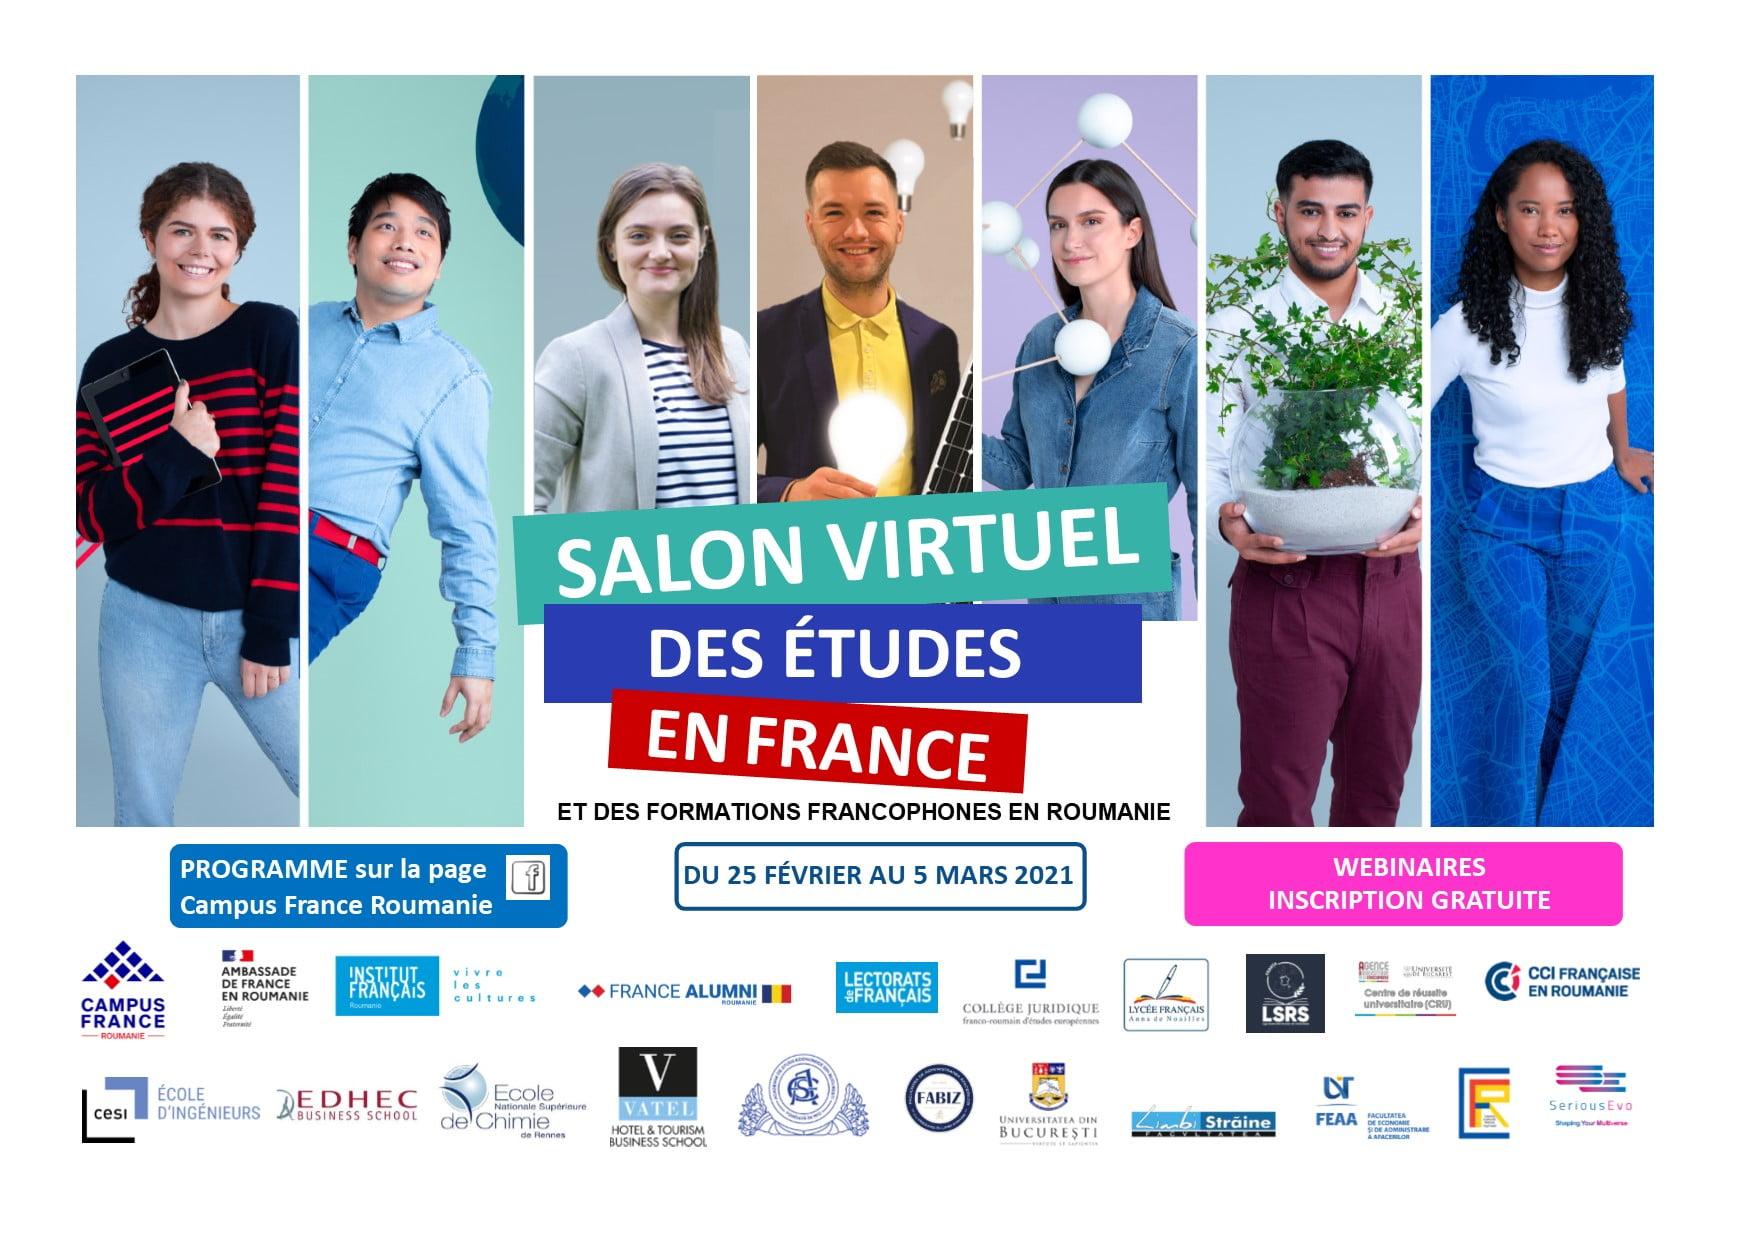 Salon virtual al studiilor în Franța și al formărilor universitare în limba franceză din România